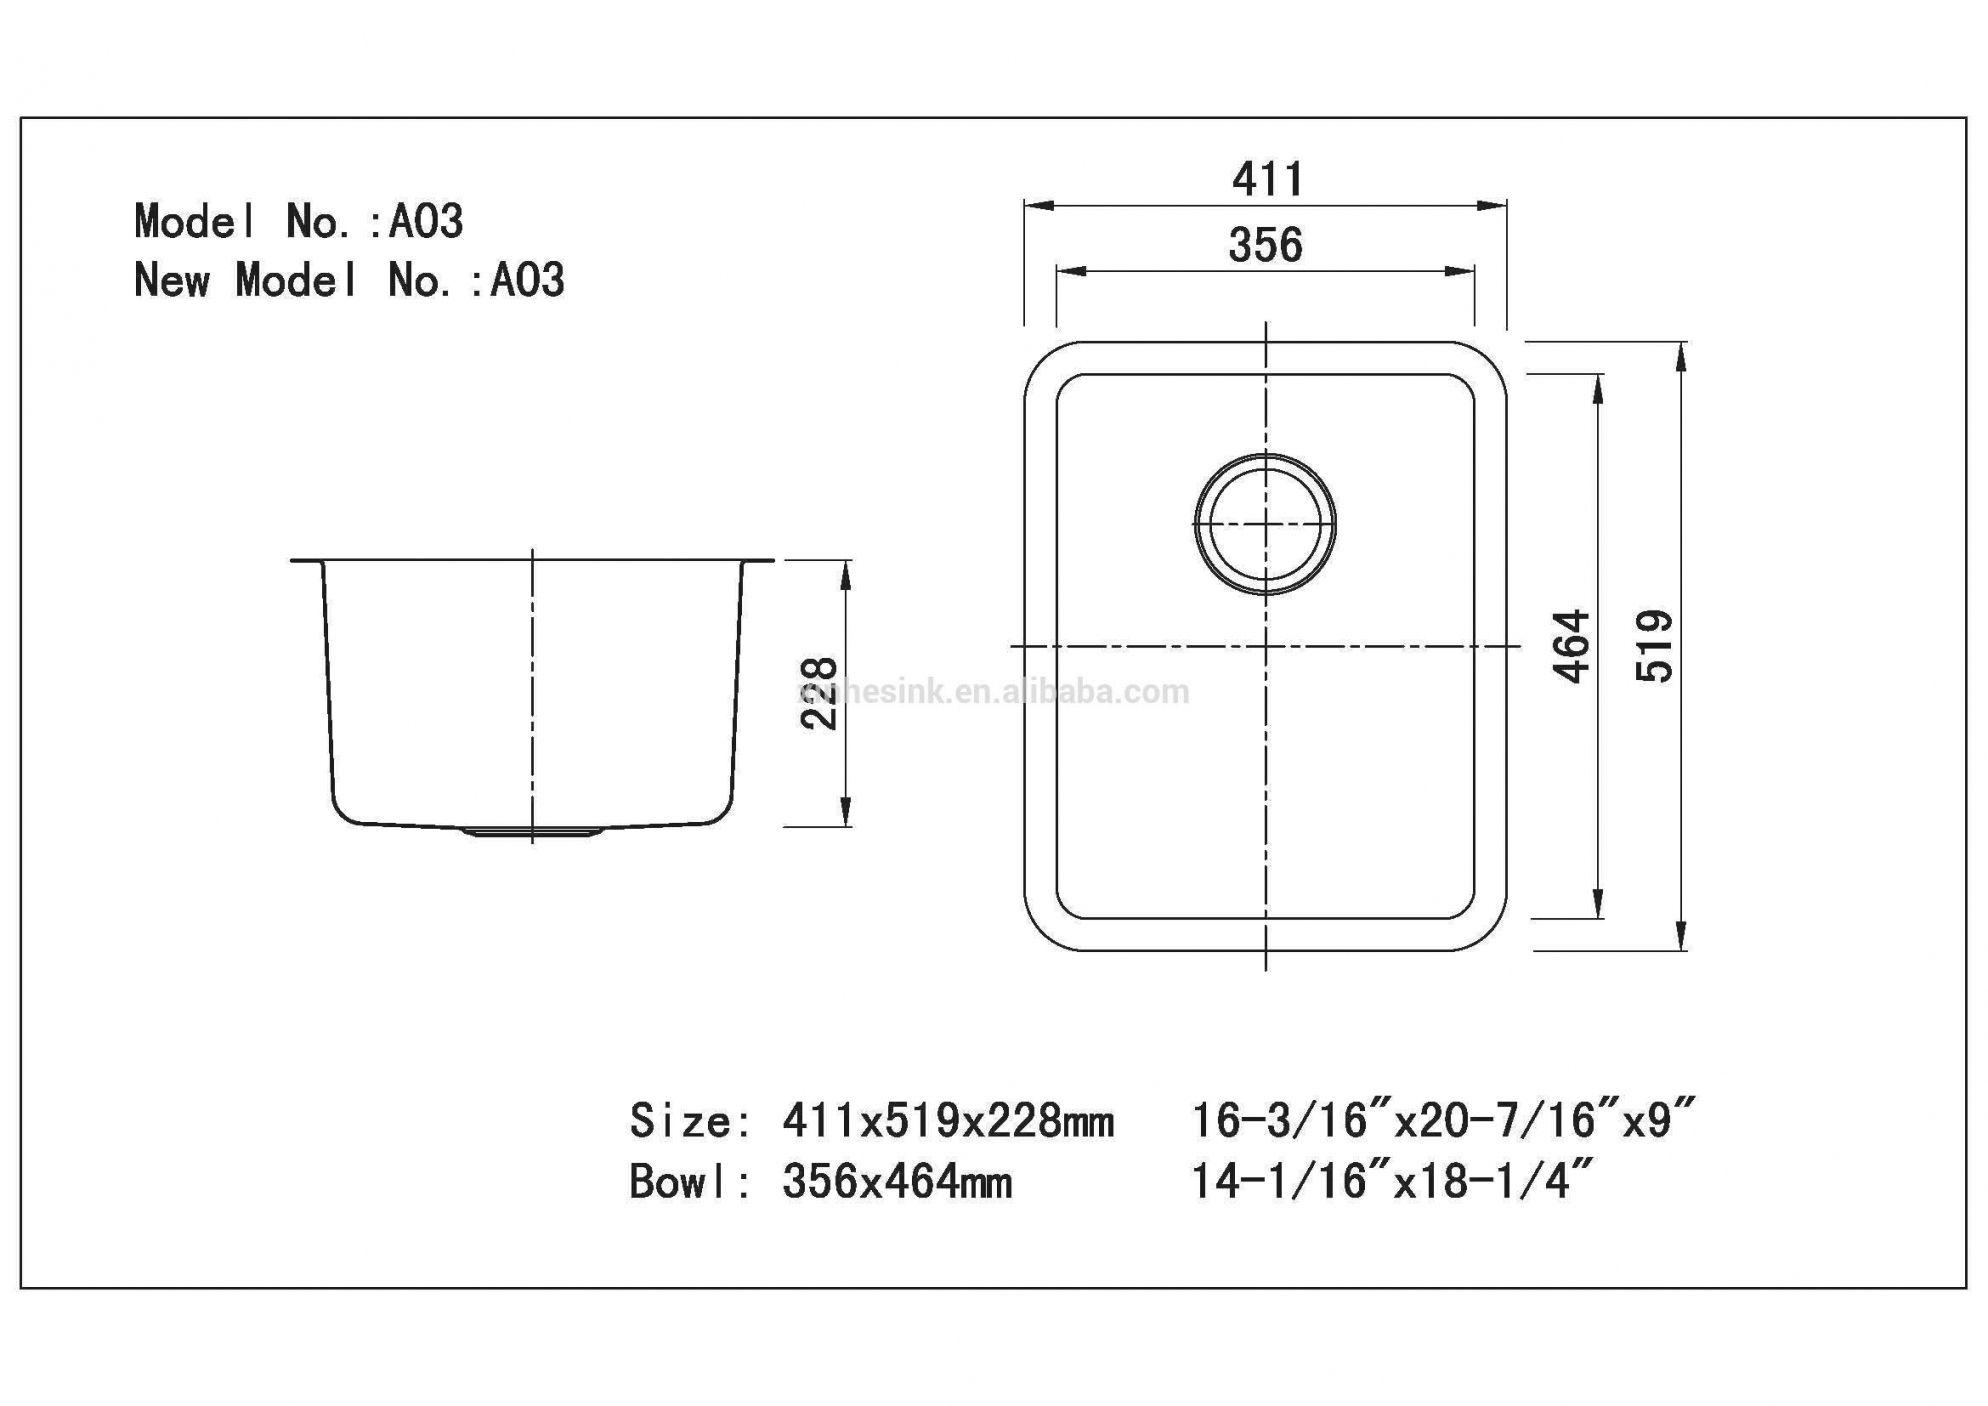 Small Kitchen Sink Sizes Https Festivalmontmelas Com P 35423 Kitchen Sink Sizes Small Kitchen Sink Sink Sizes